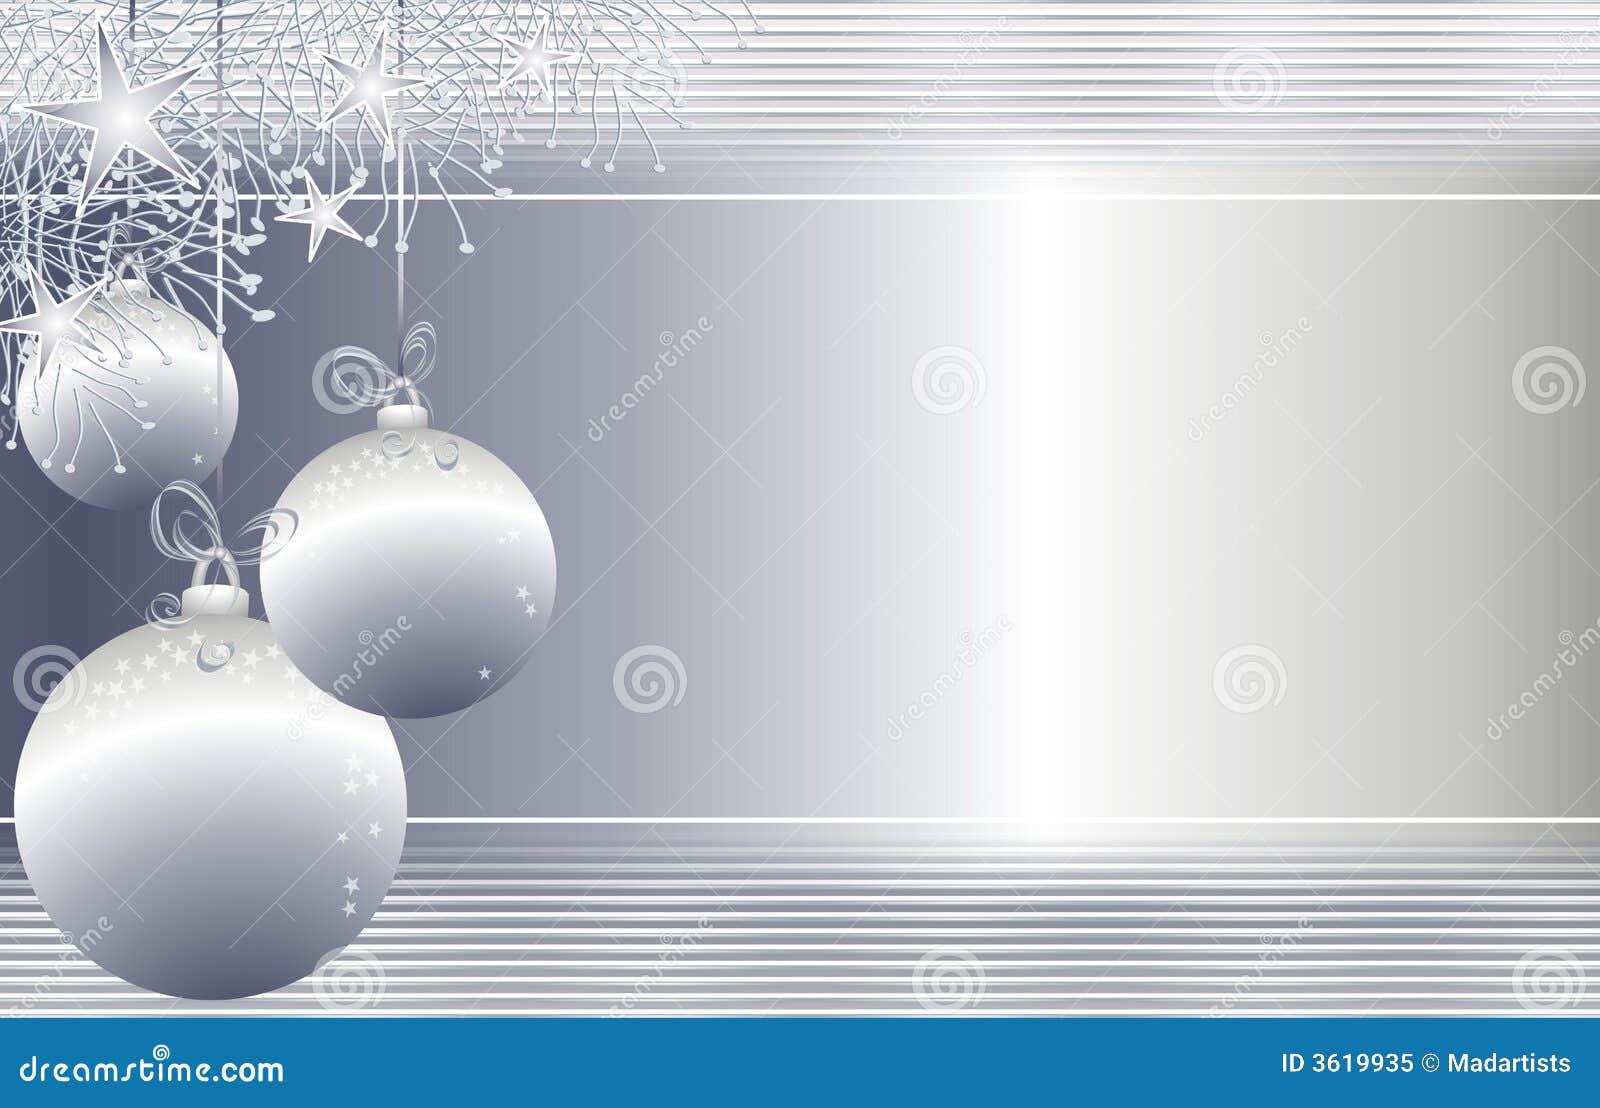 背景圣诞节停止的装饰品银